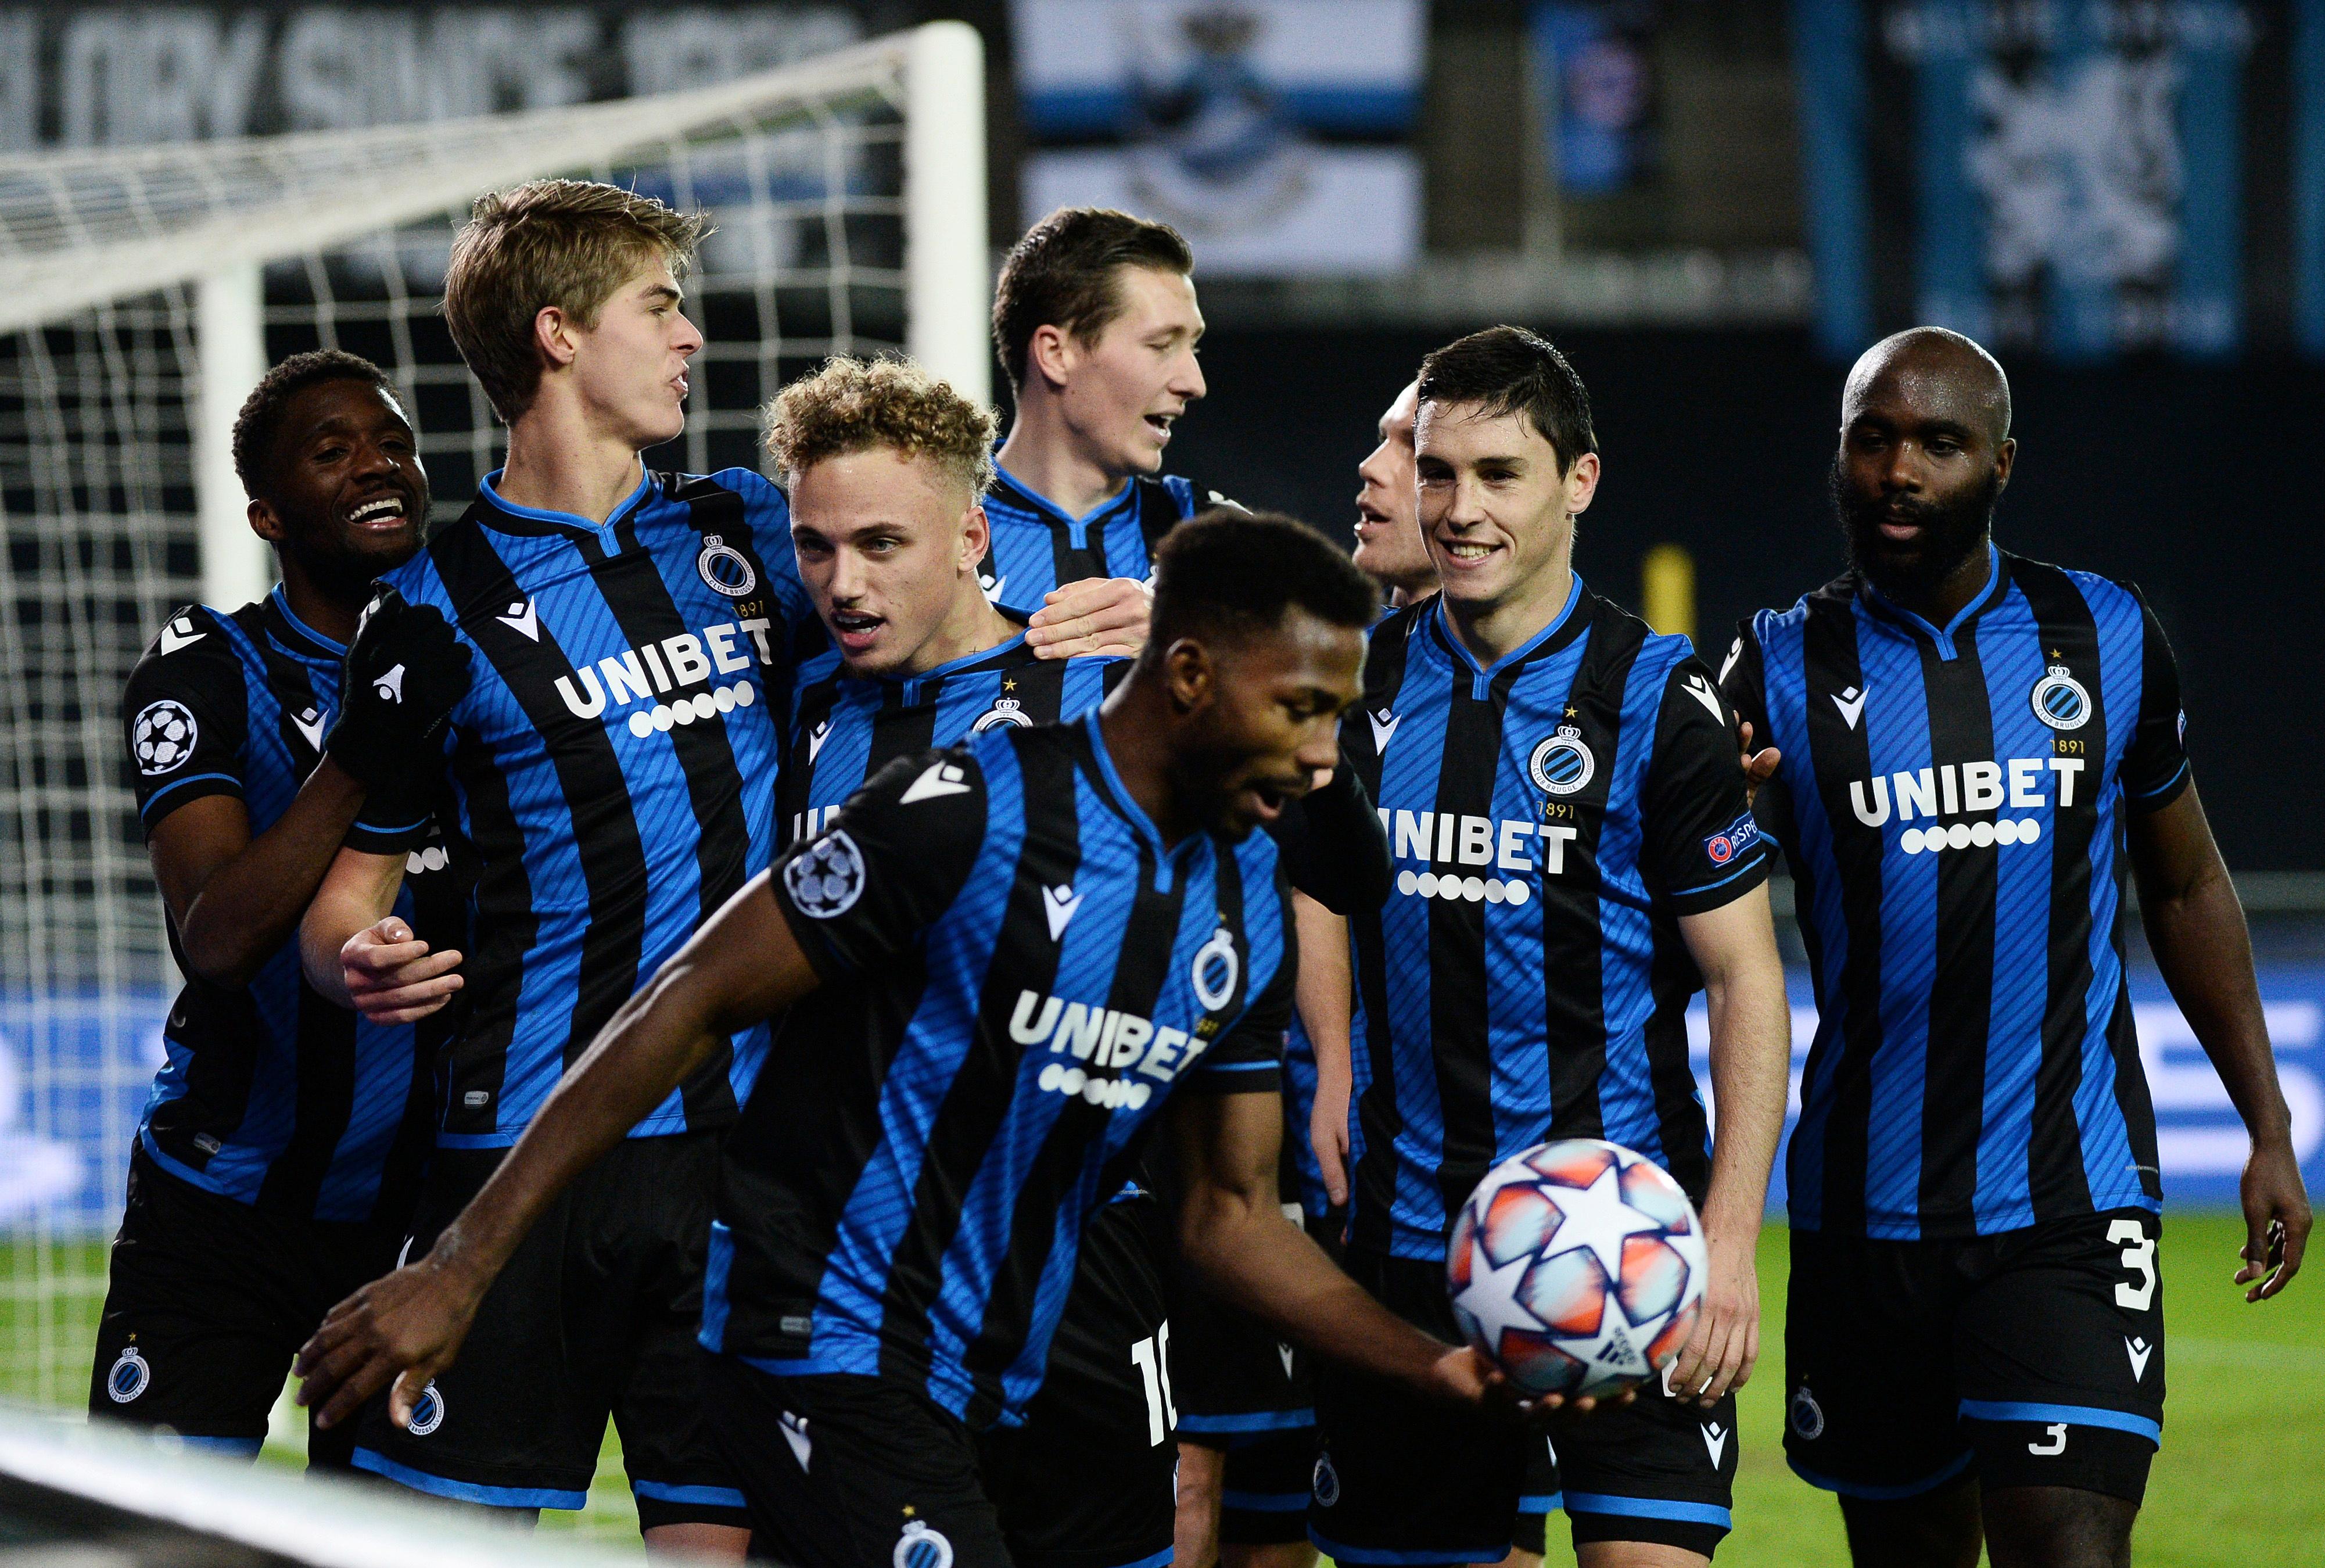 Belgian soccer club Bruges plans stock market listing | Reuters